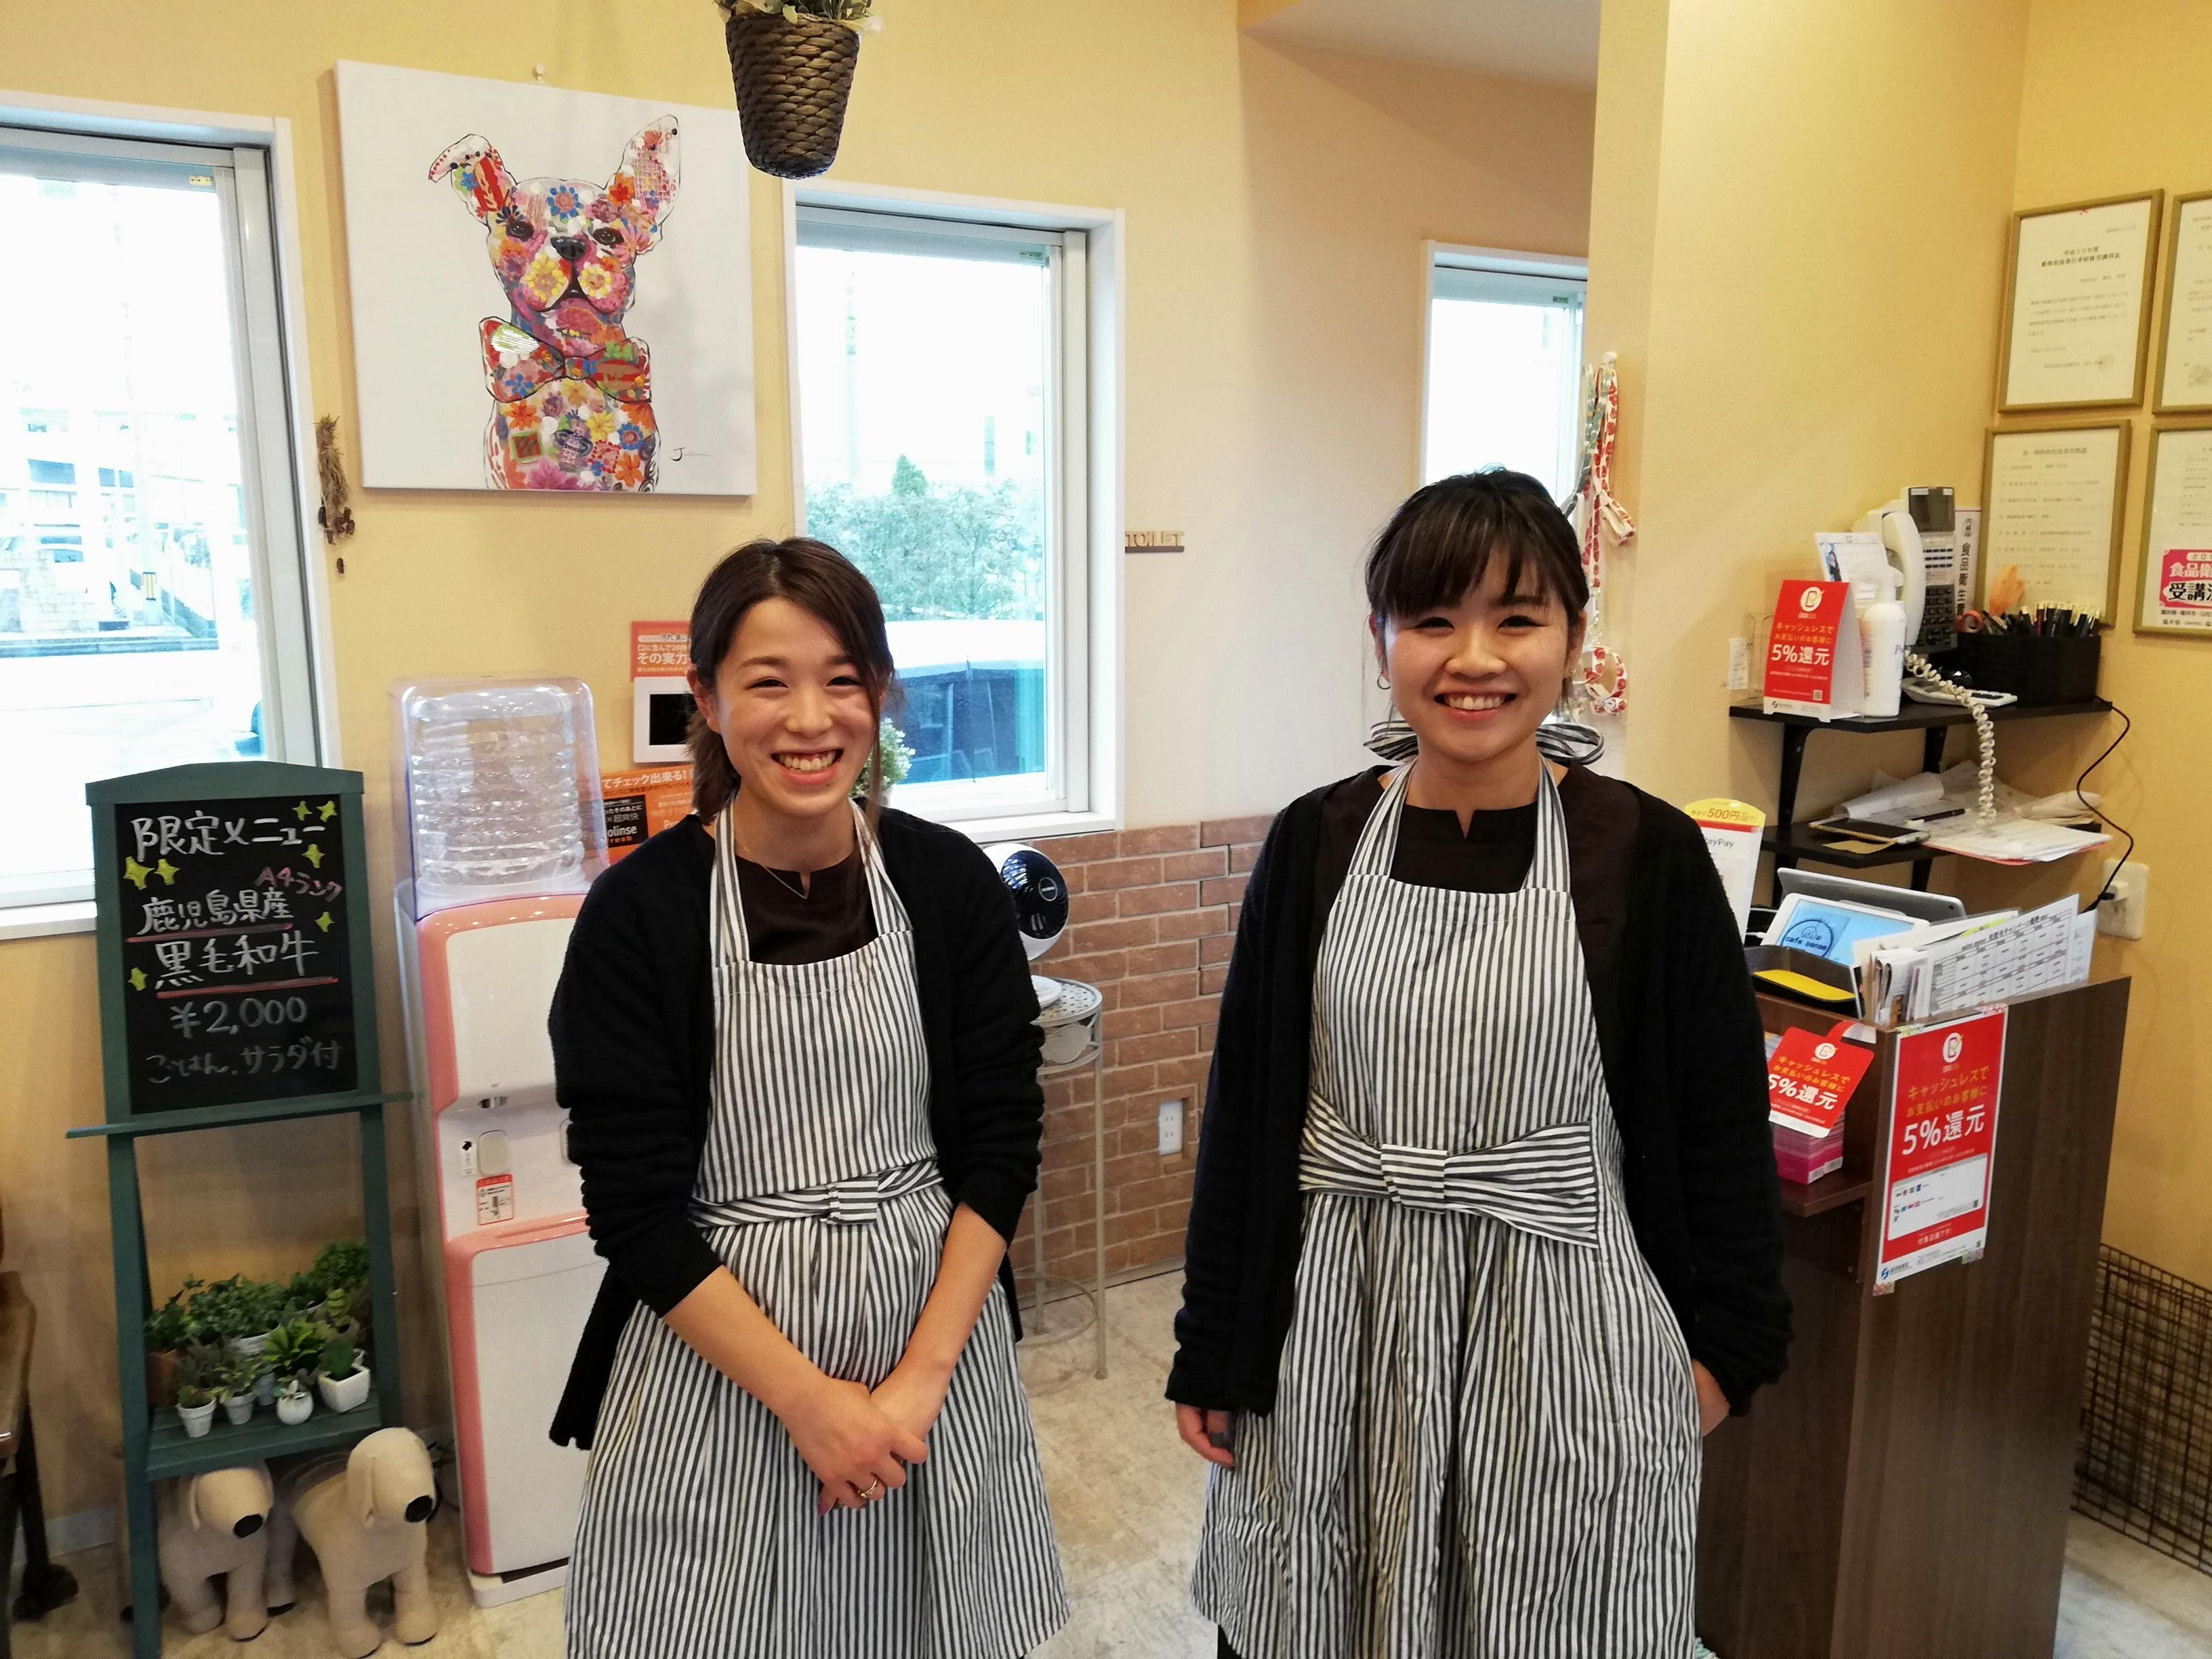 cafe panse カフェパンセ(土日スタッフ)